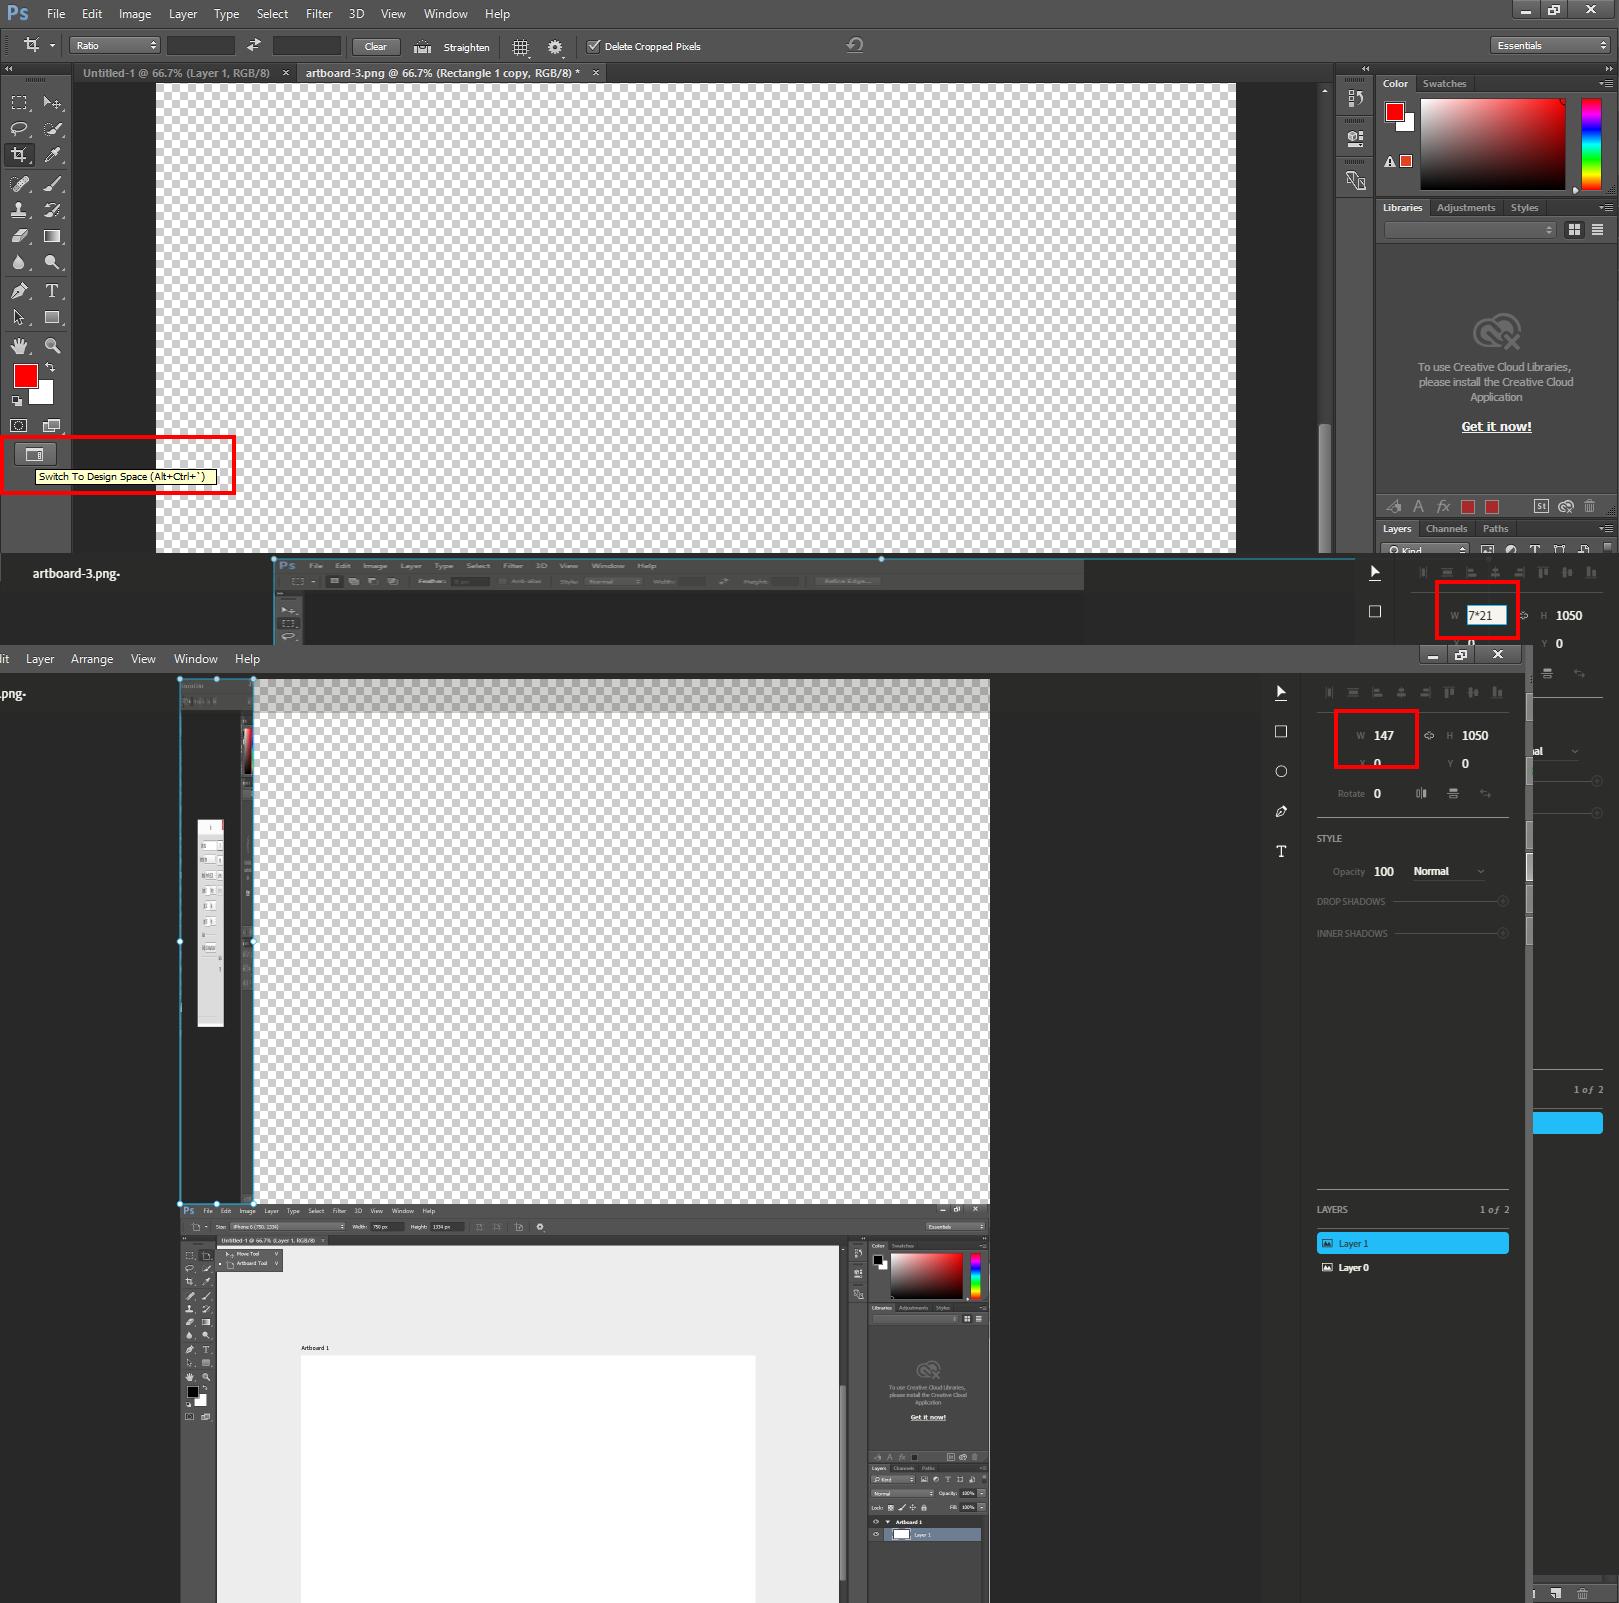 инструкция обзор инструментов adobe photoshop cs6